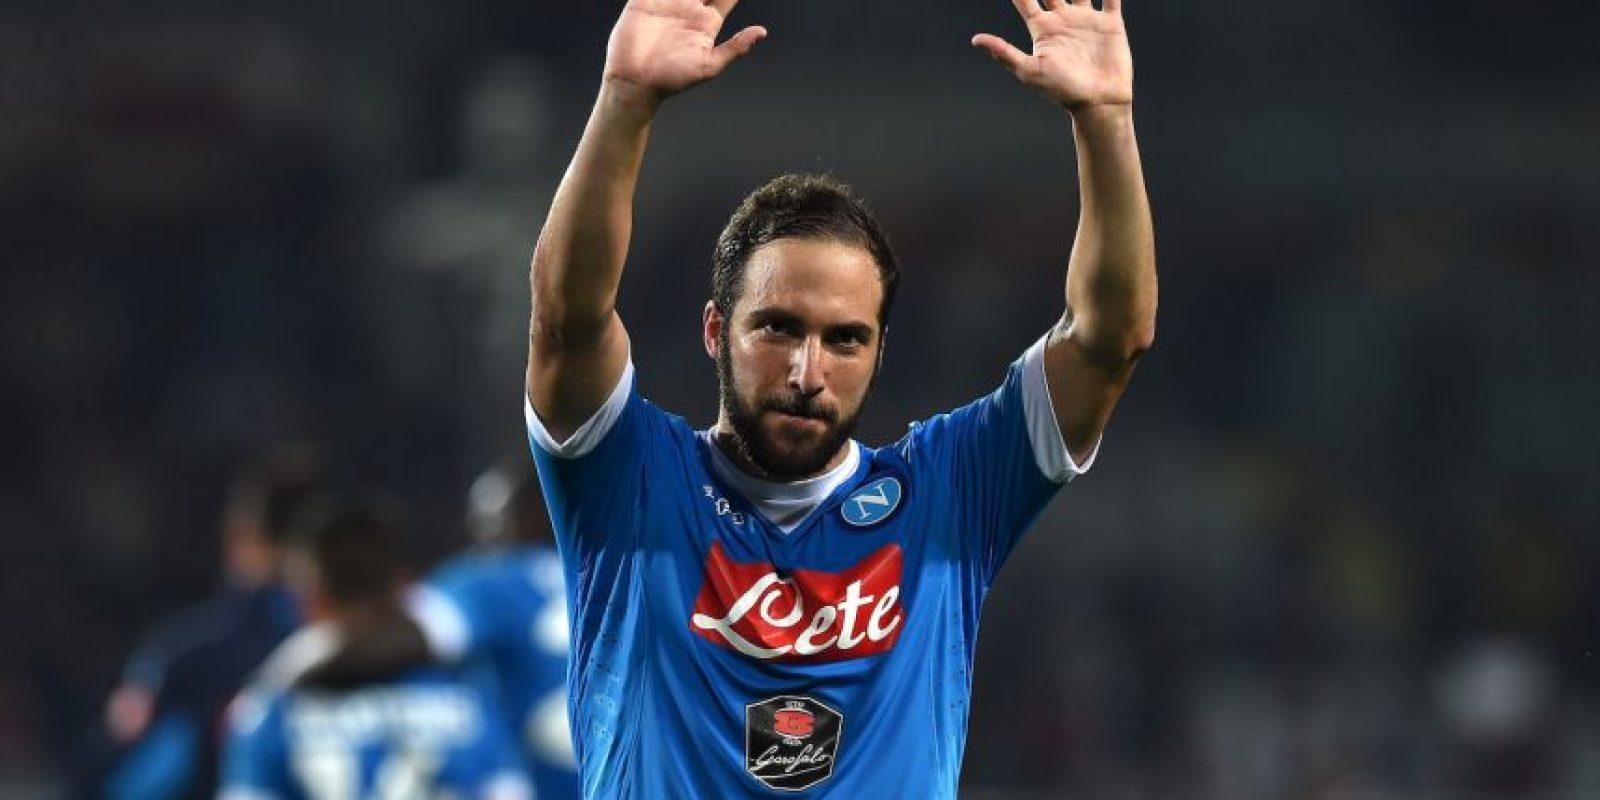 Pipita marcó 71 goles por Serie A en las tres temporadas que estuvo en Napoli. Además, marcó tres goles en la Copa de Italia y dos tantos en la Supercopa que le ganaron a Juventus en 2014/2015 Foto:Getty Images